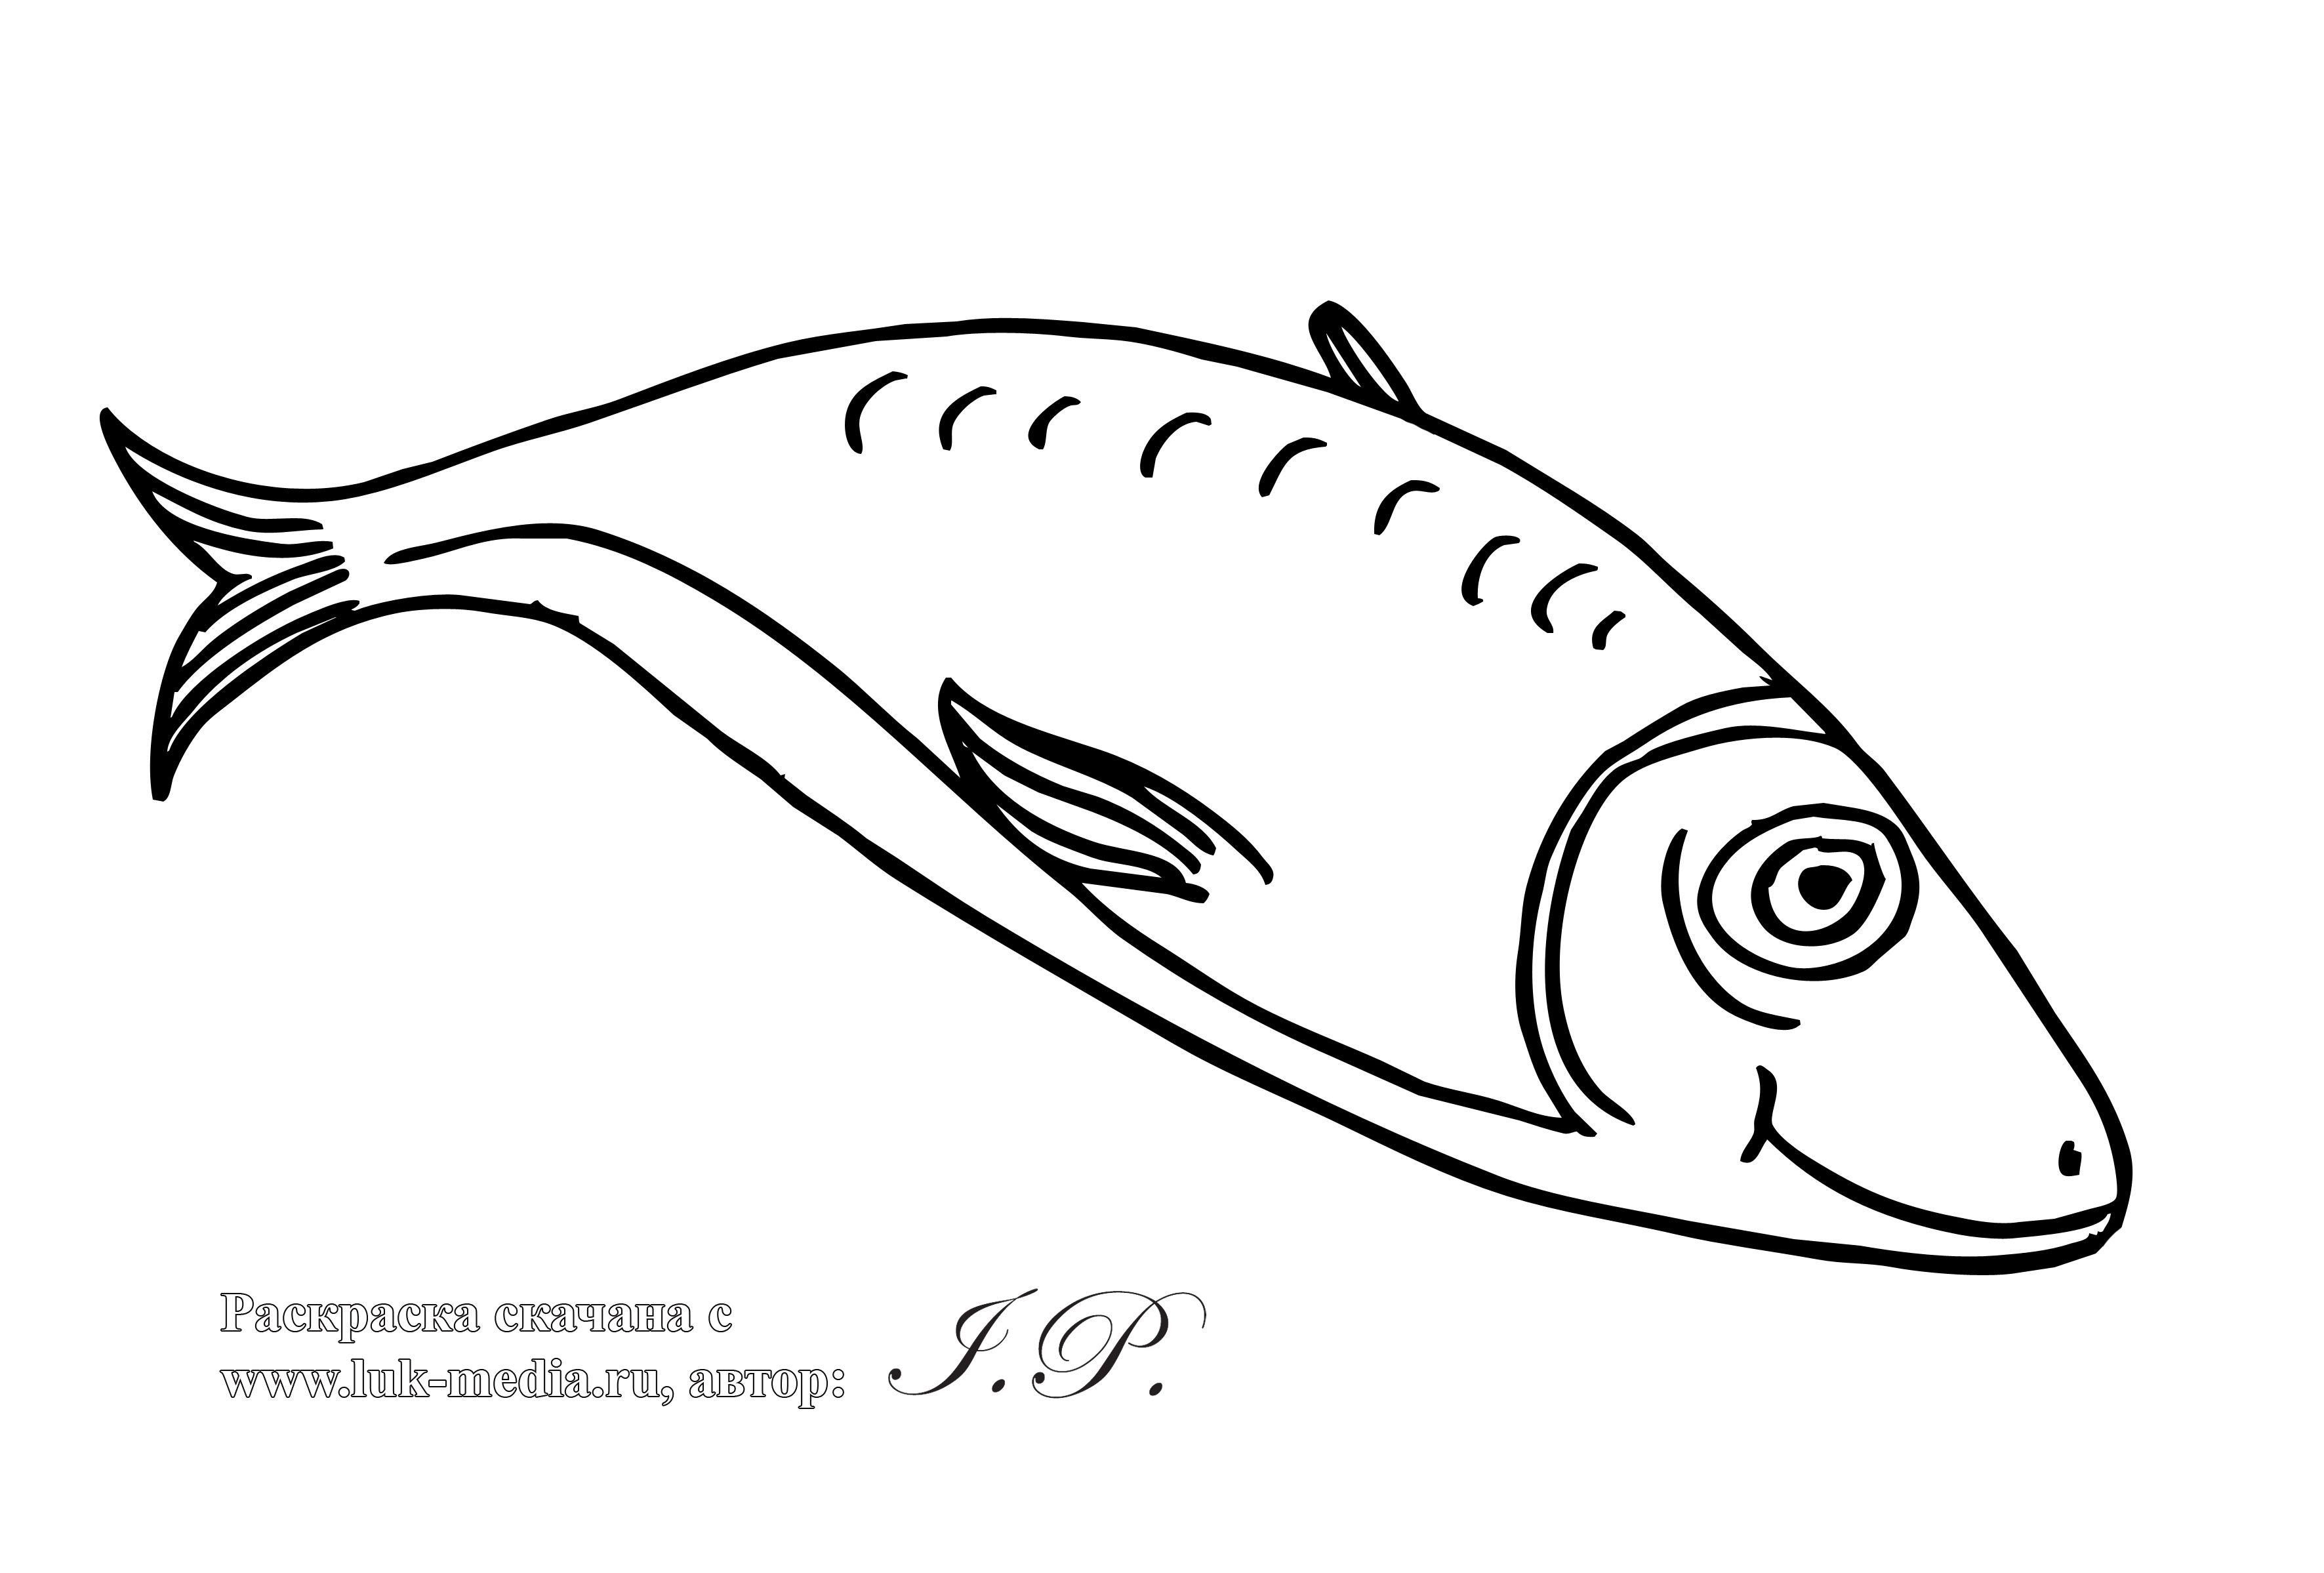 Картинка раскраски рыба